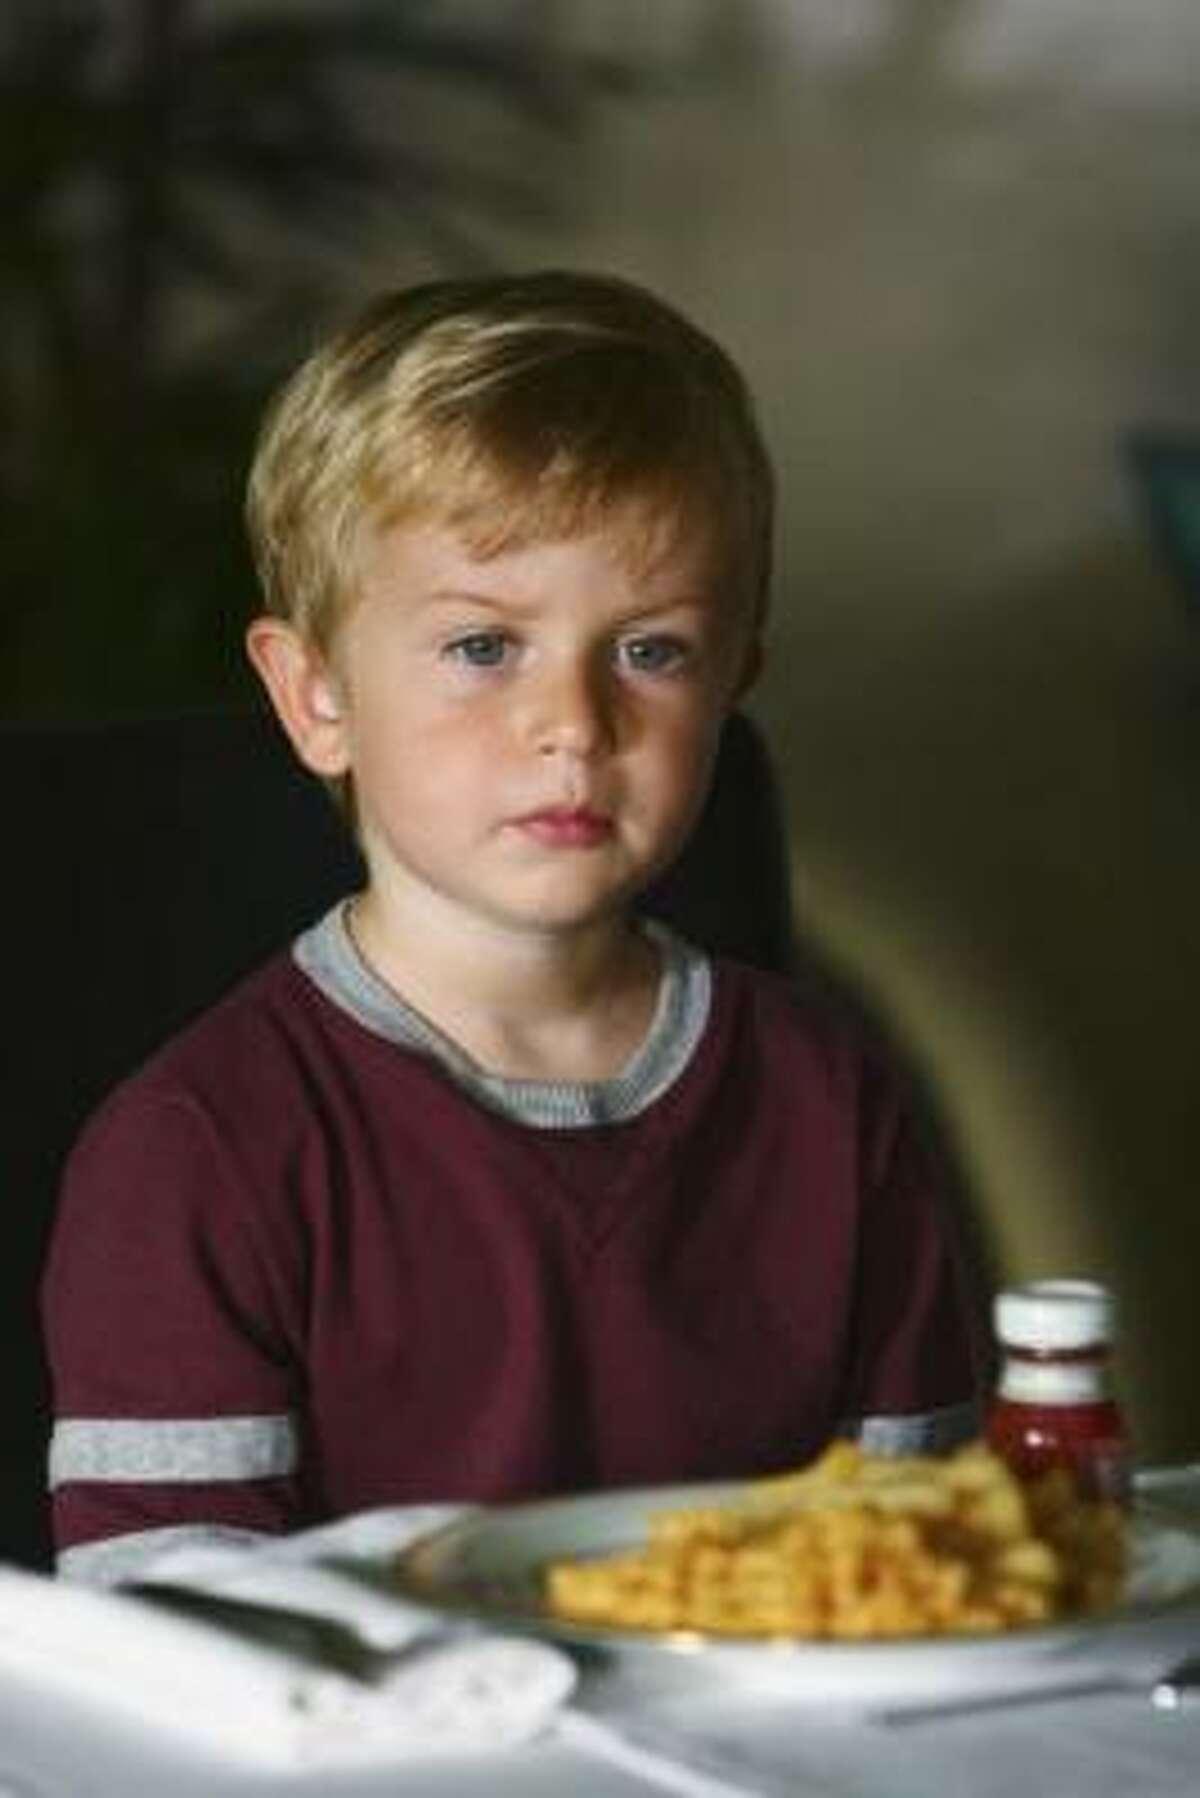 Is little Aaron in danger?